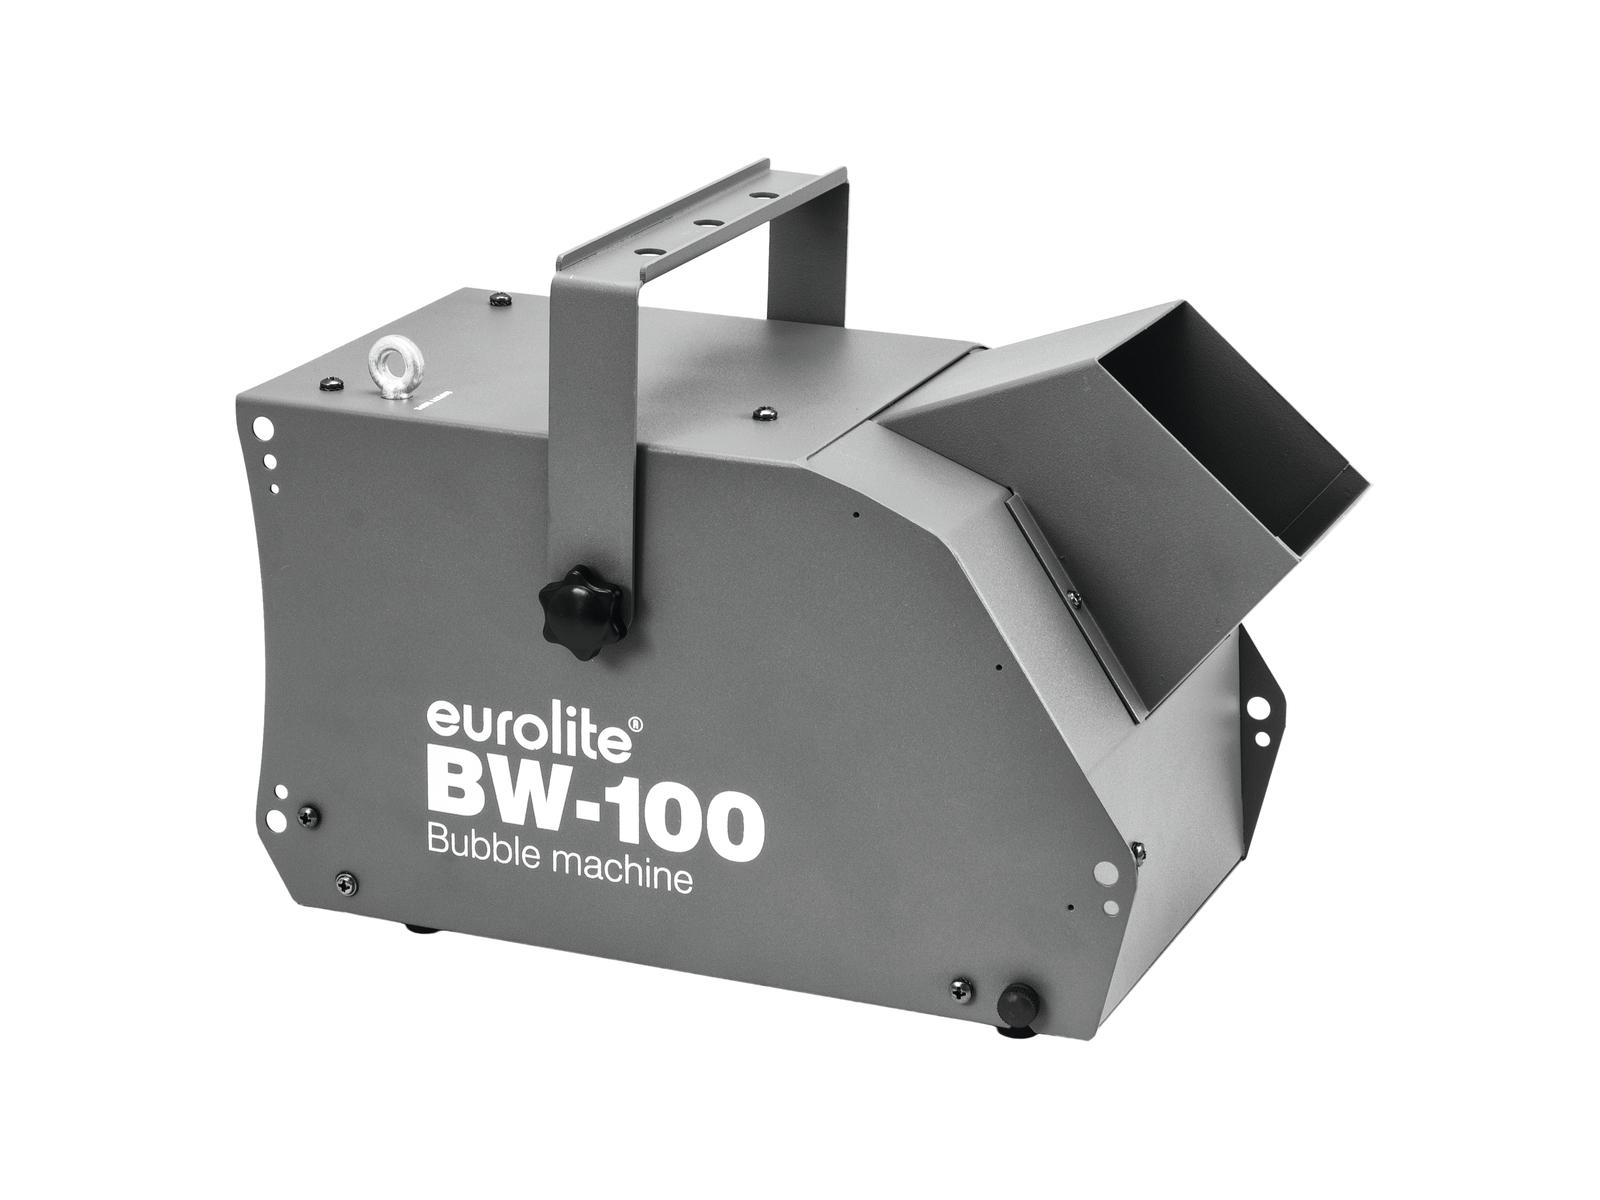 EUROLITE BW-100 Seifenblasenmaschine